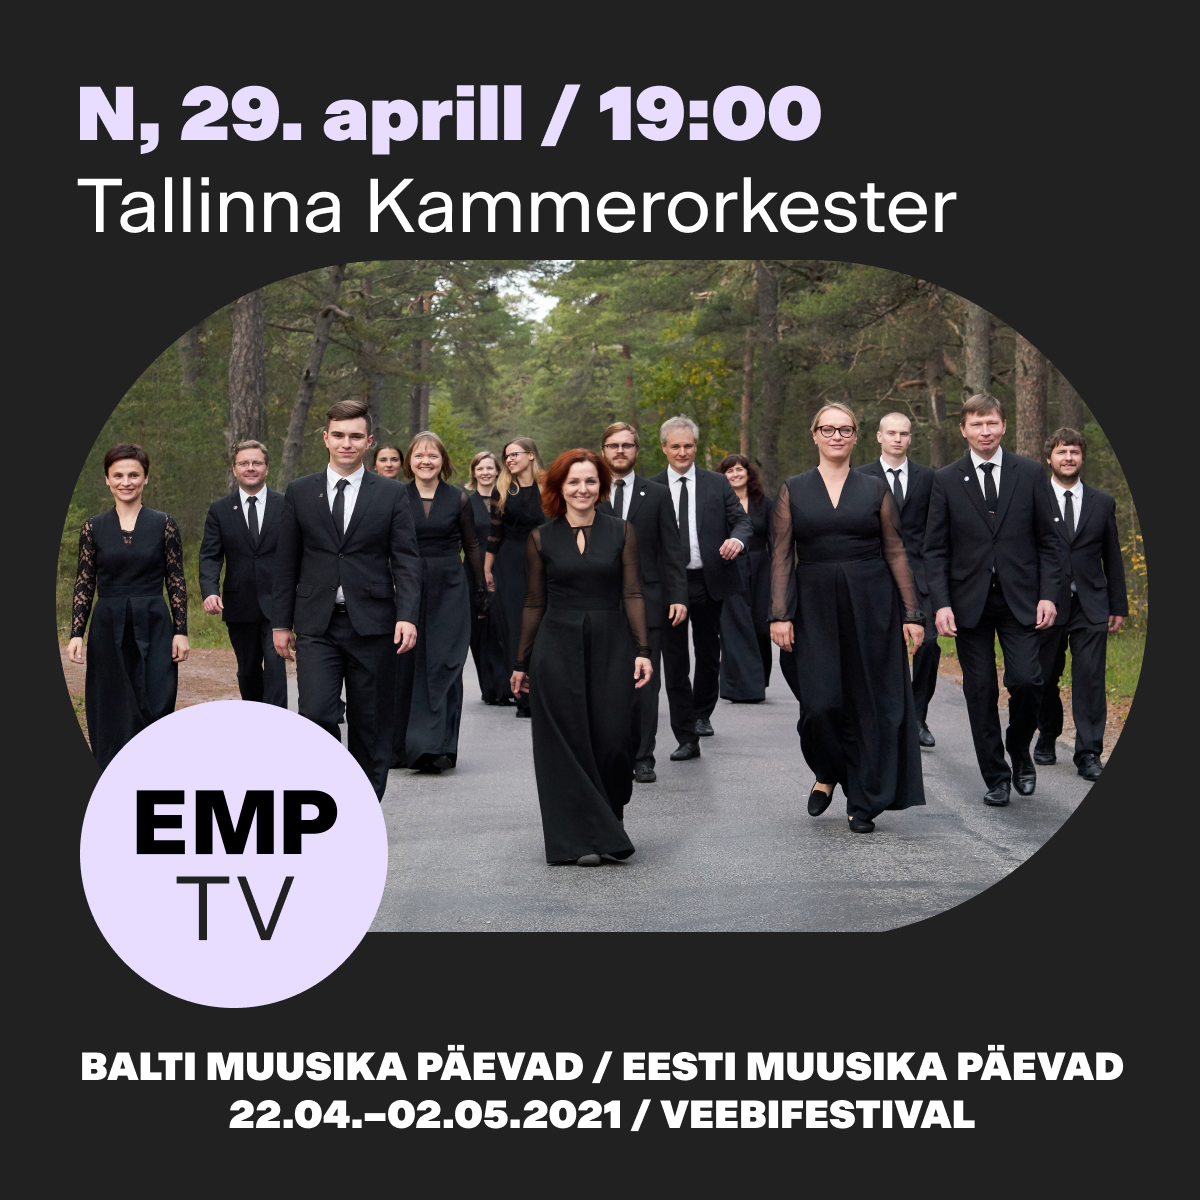 Eesti Muusika Päevad. Tallinna Kammerorkester/Veebifestival